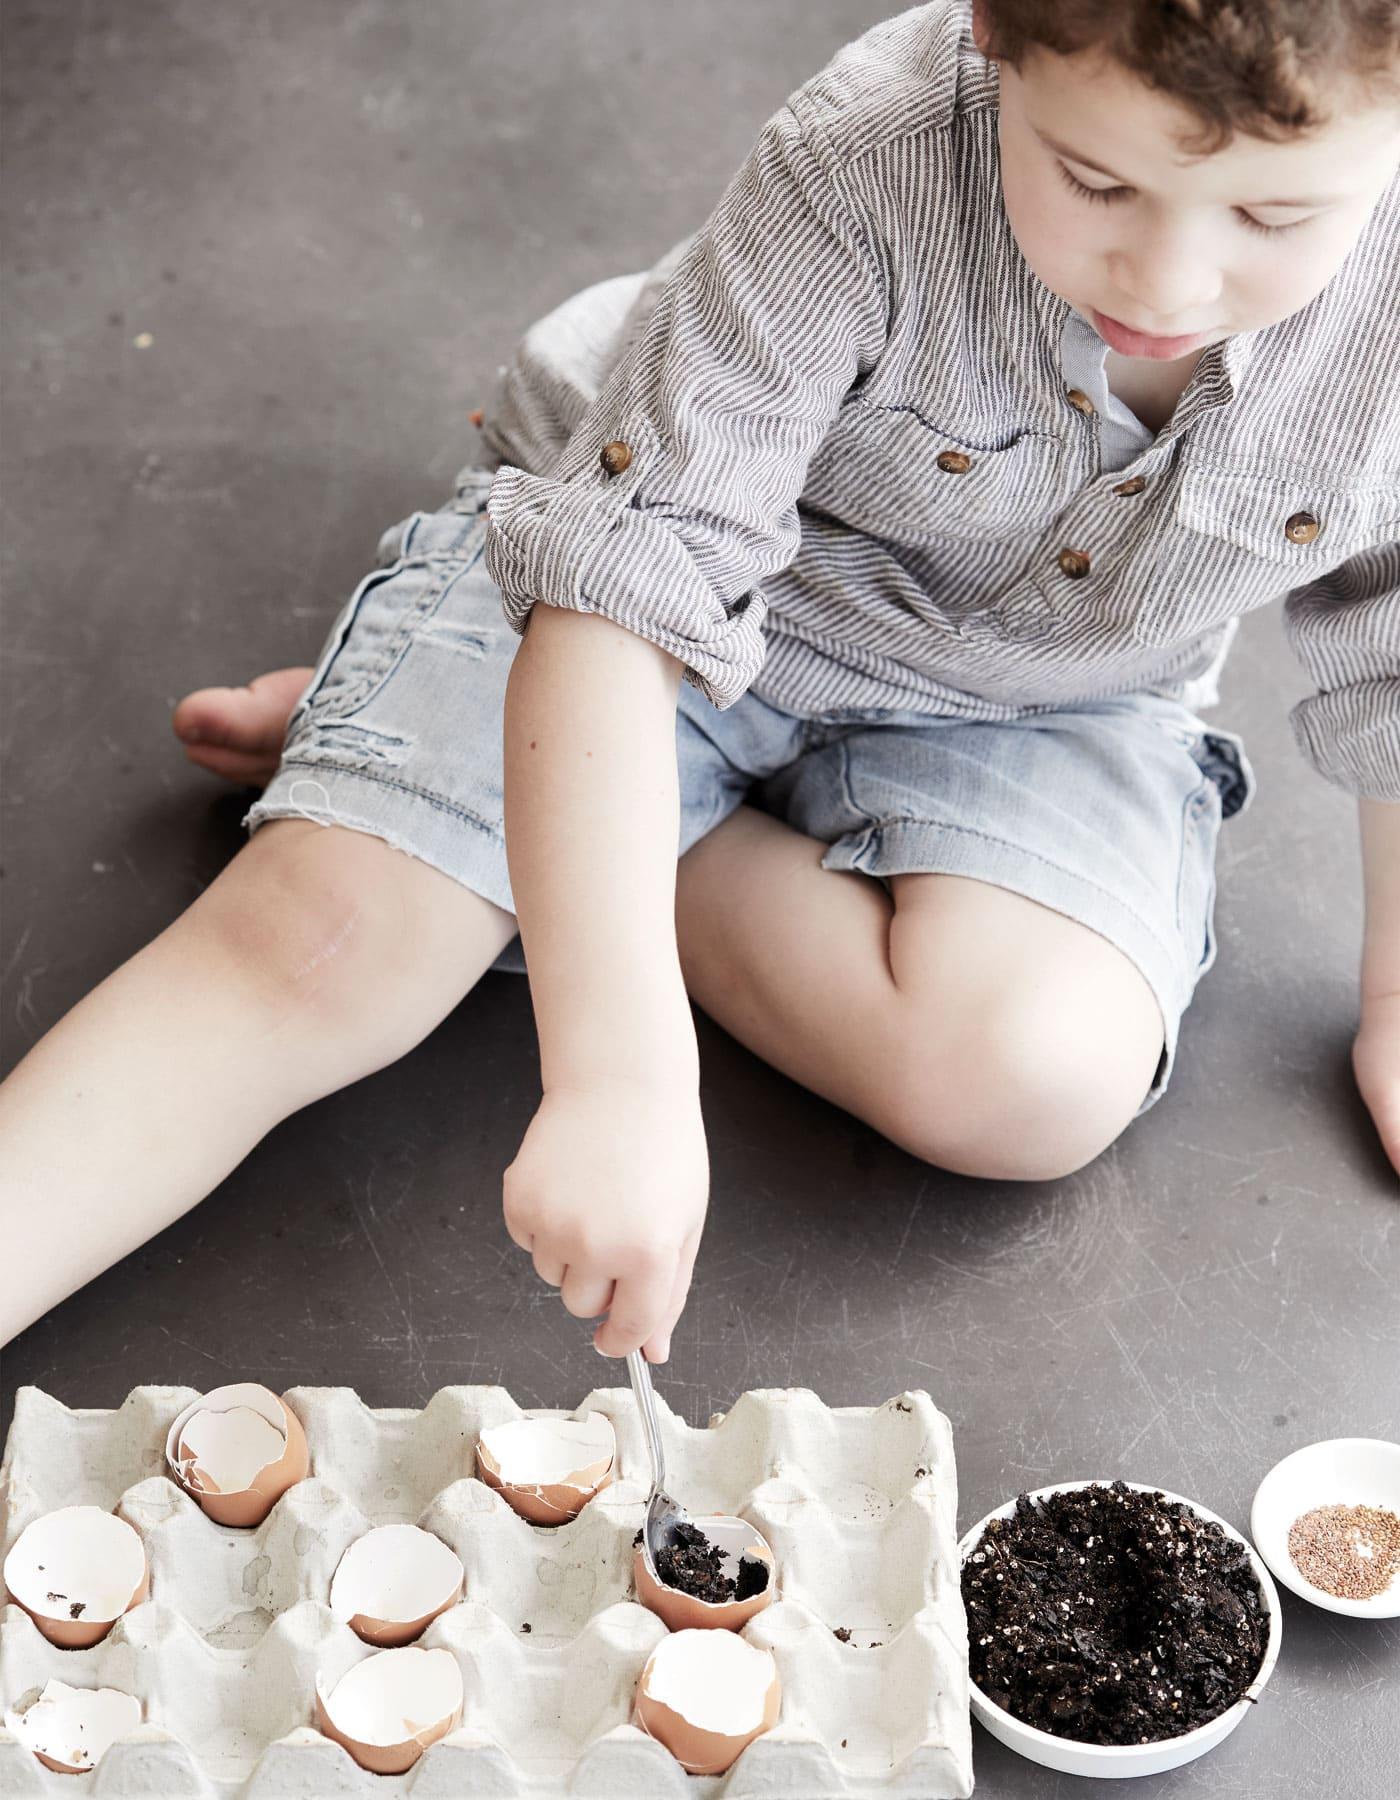 Pflanzideen für Kinder: Pflanzen vermehren mit Kindern // HIMBEER